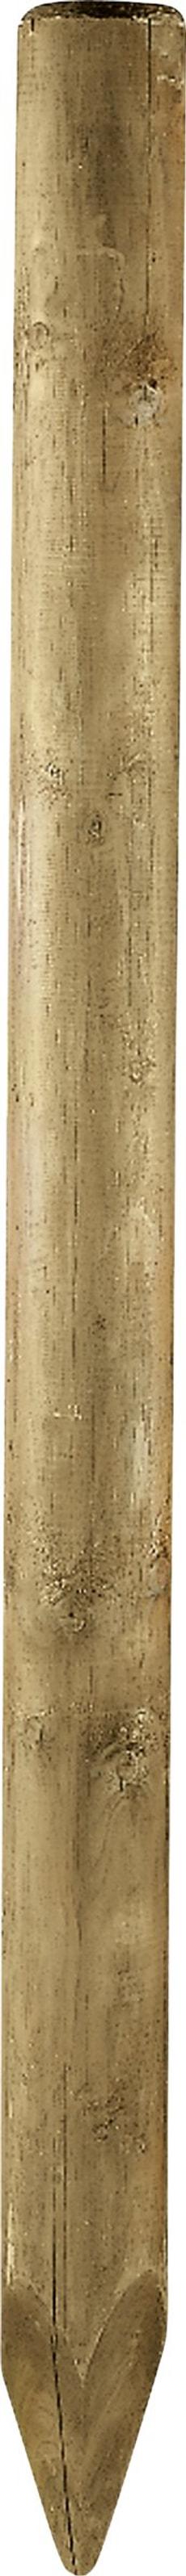 Poteau en pin